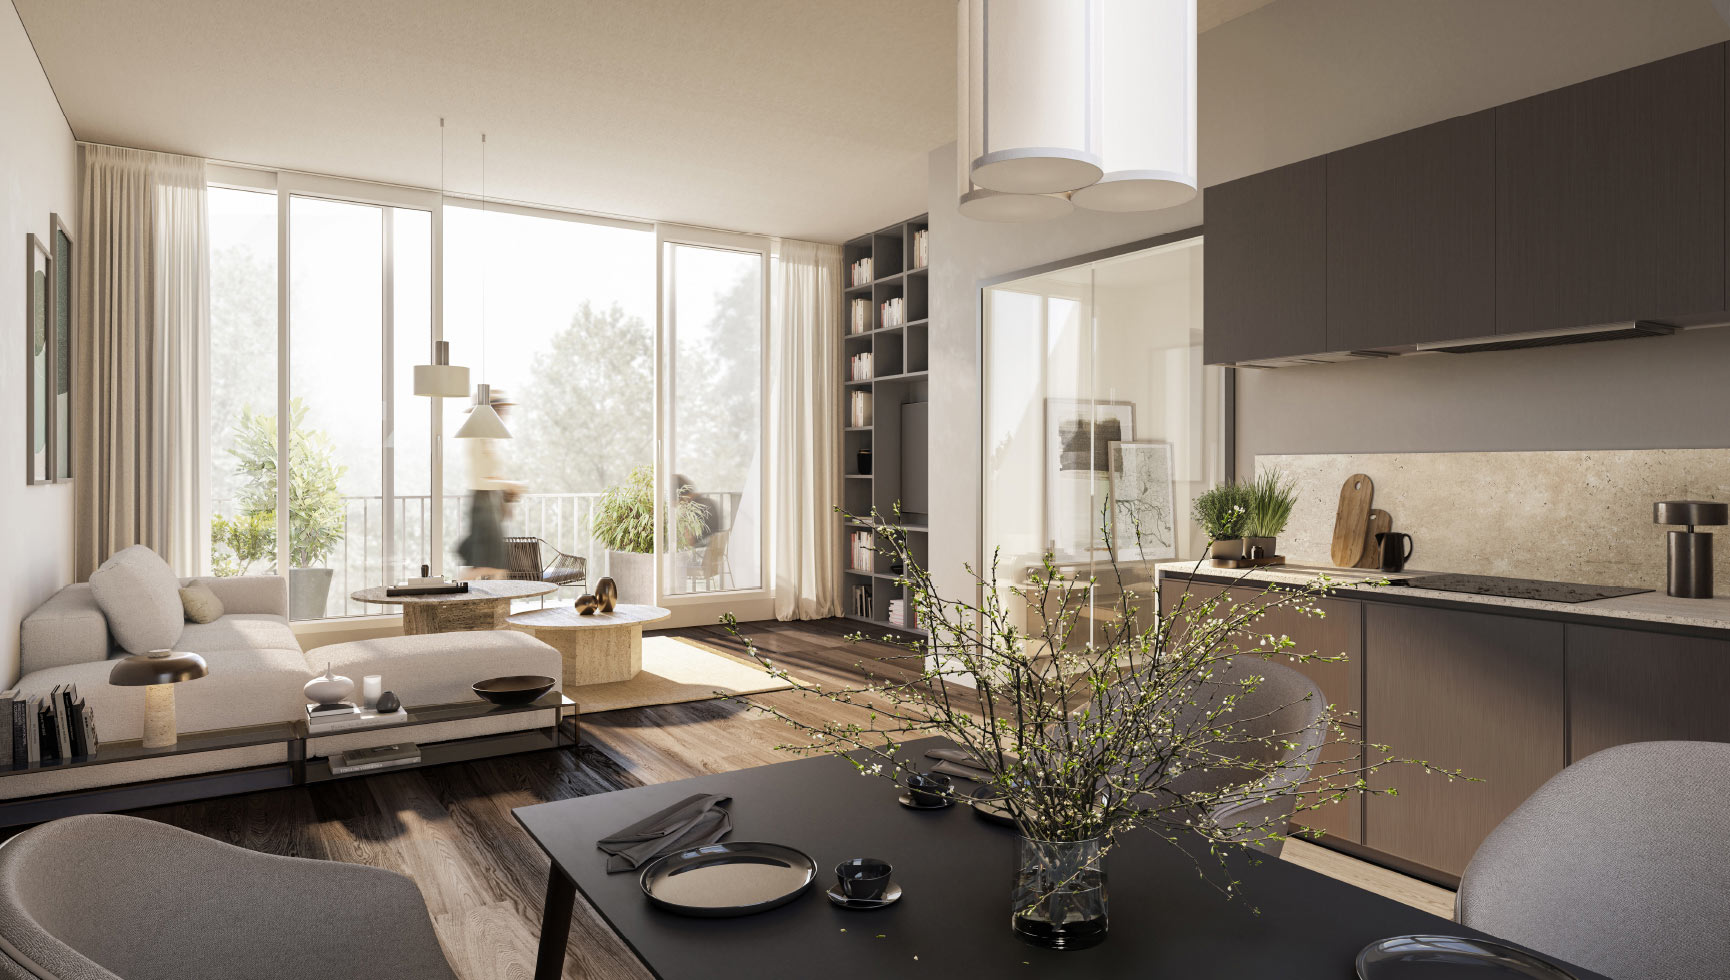 The Corner - So könnte Ihr Wohnzimmer aussehen